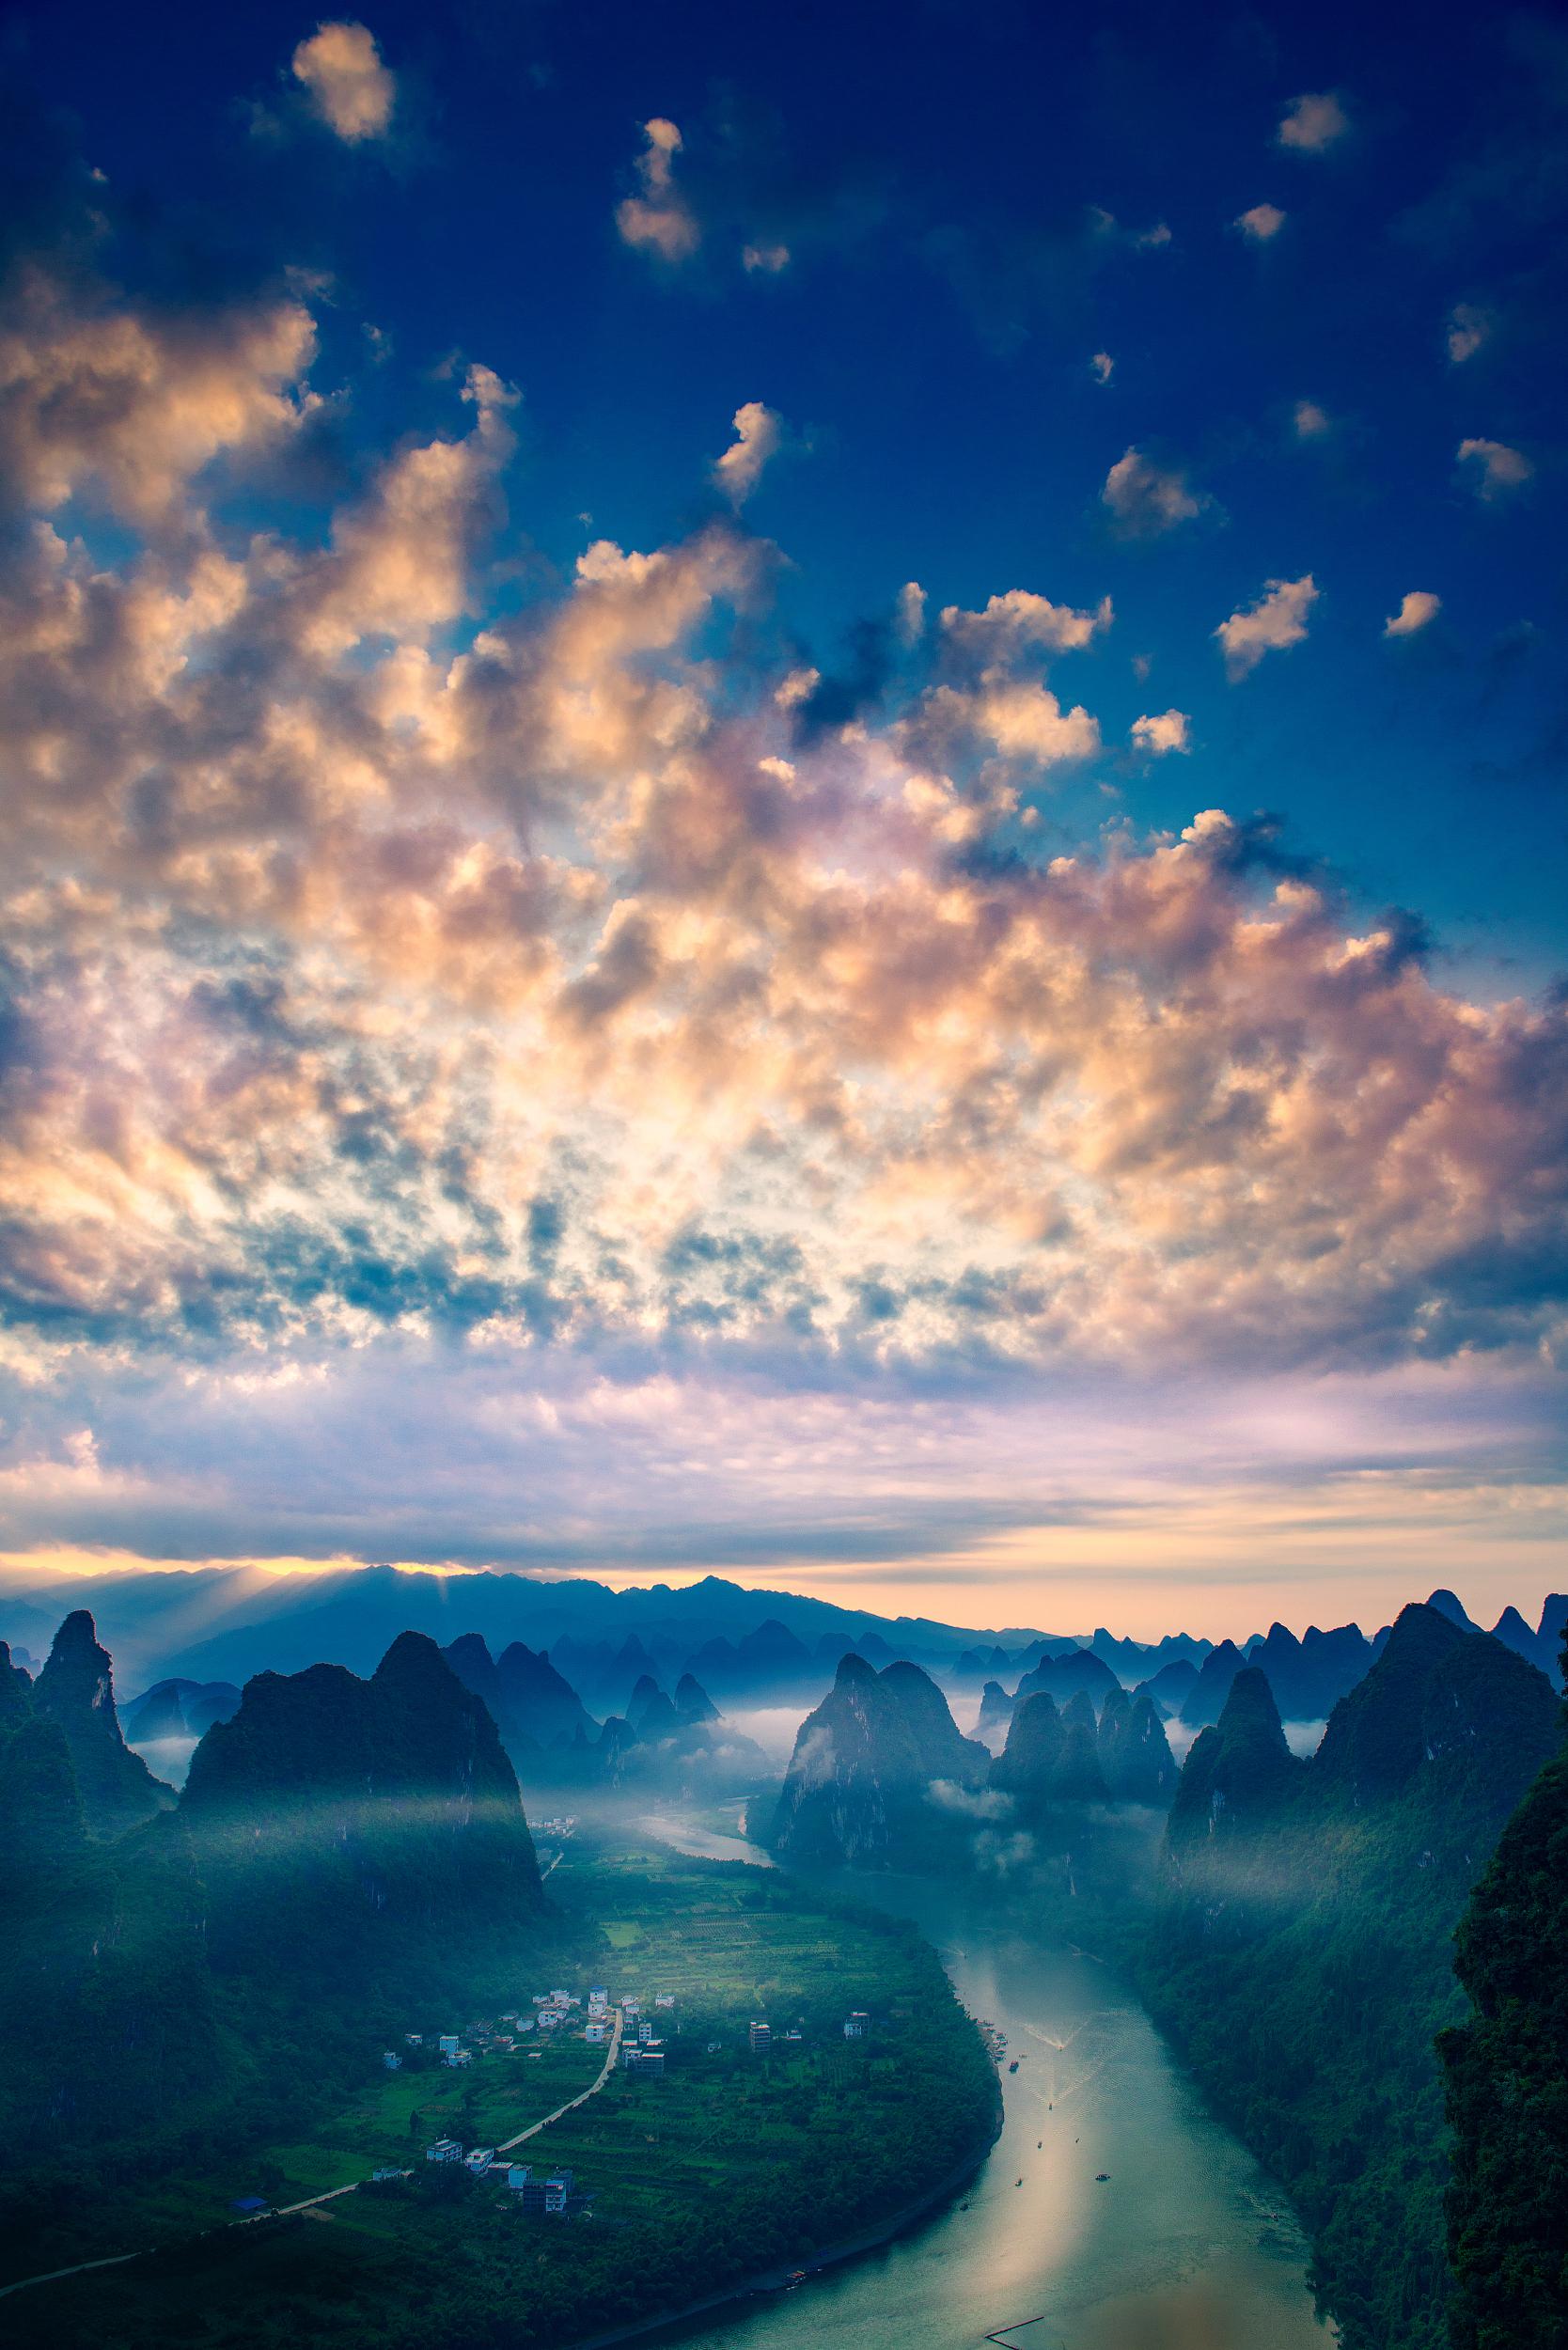 桂林貓兒山